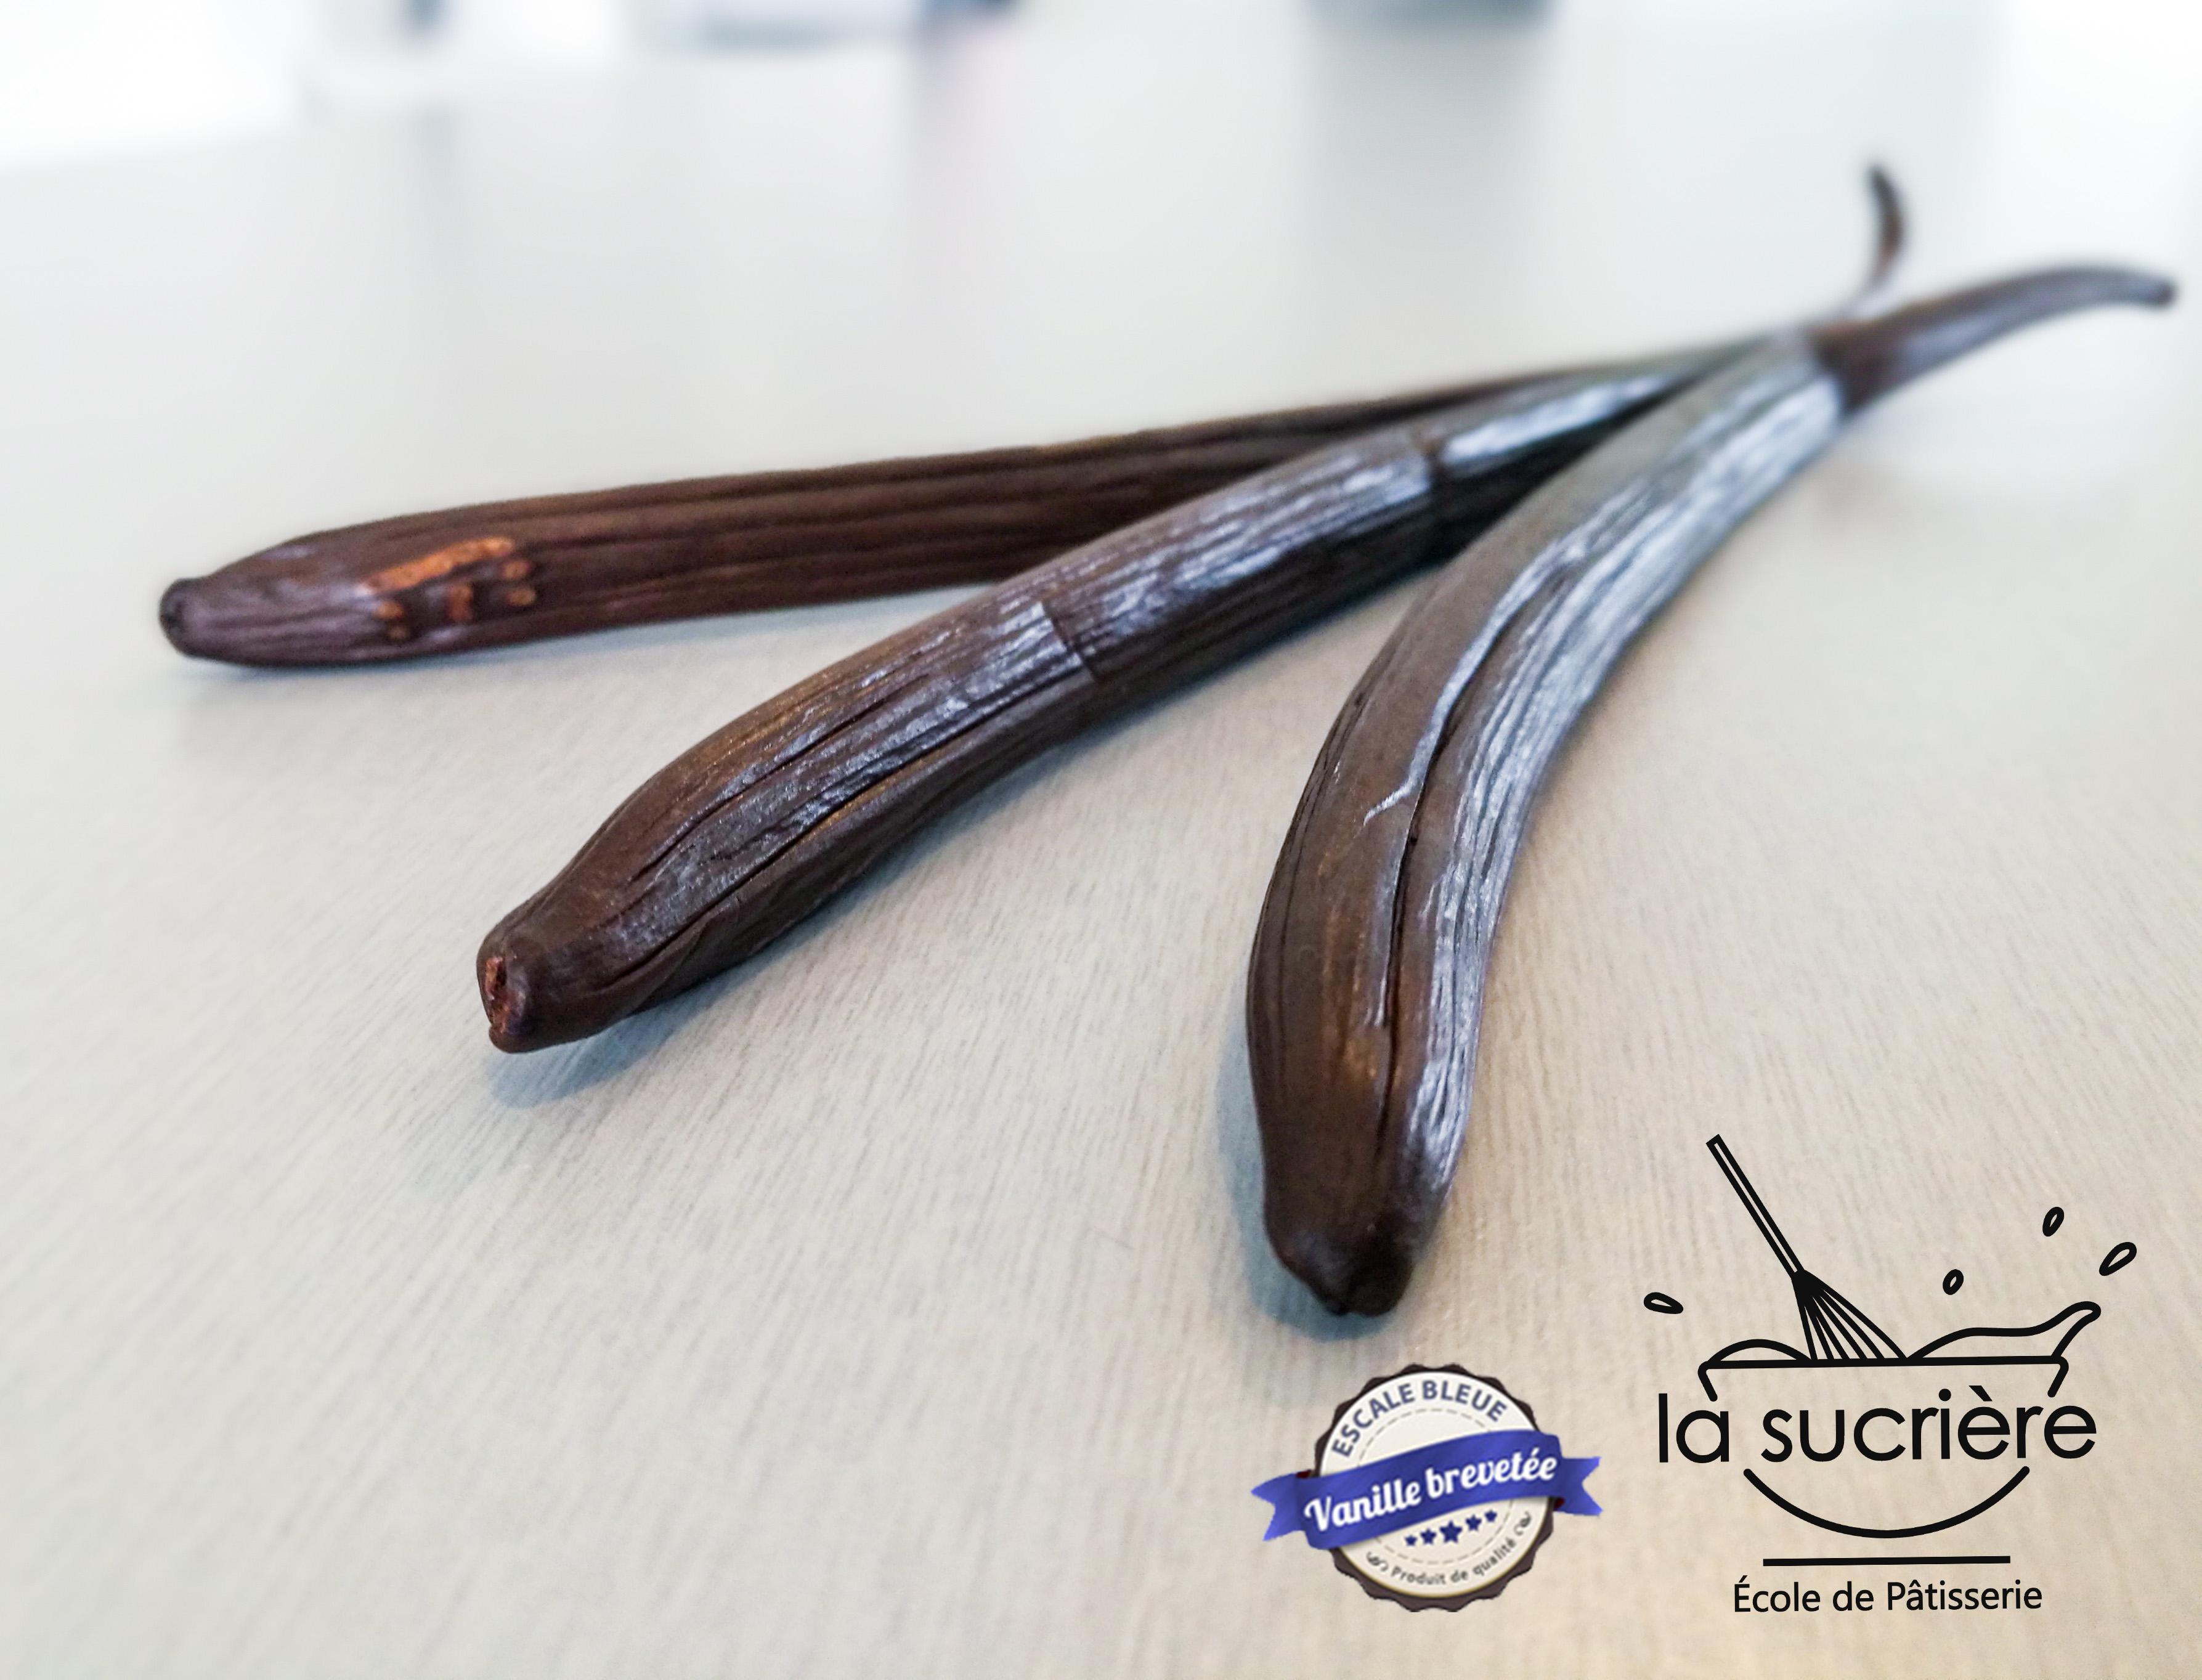 Vanille Bleue 100% comestible 100% exceptionnelle - école de pâtisserie La Sucrière